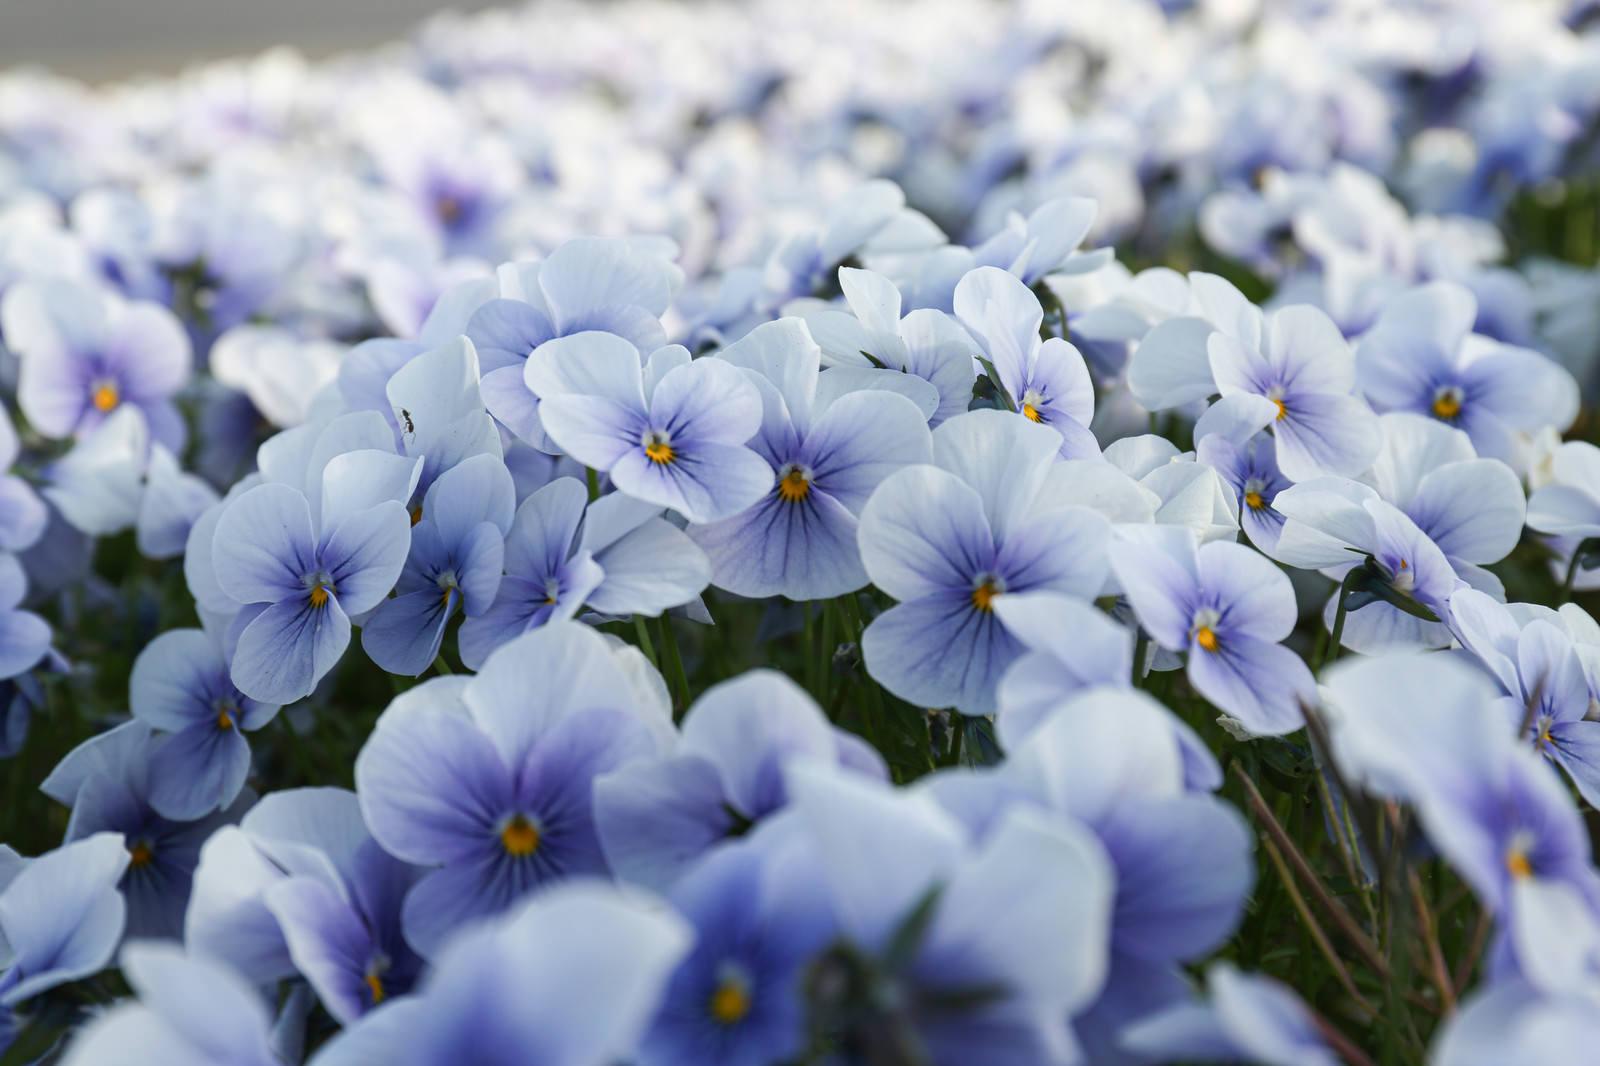 「花壇に咲くビオラ」の写真